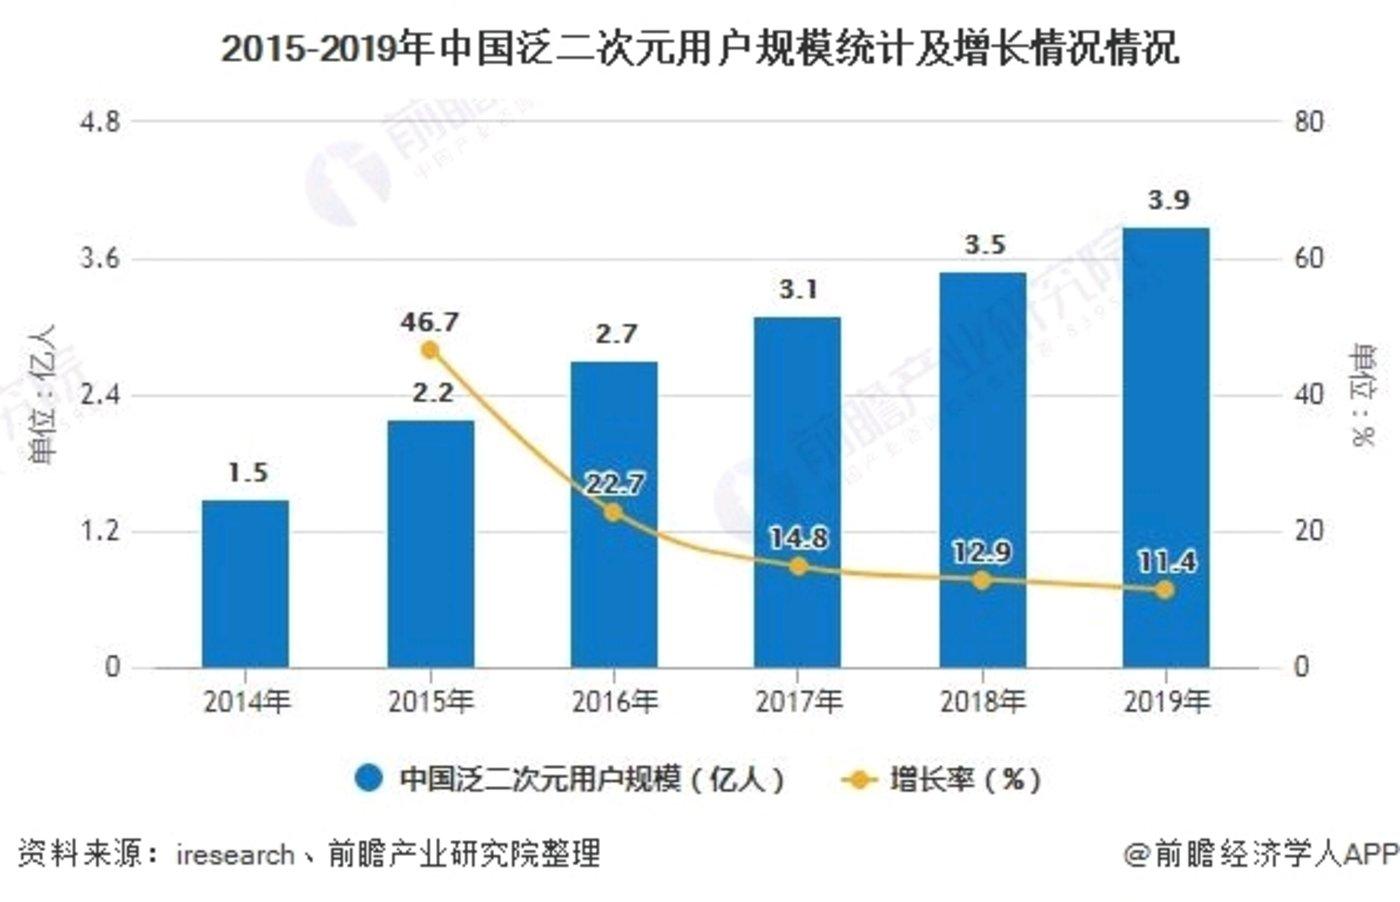 2014-2019年我国二次元人口规模变化